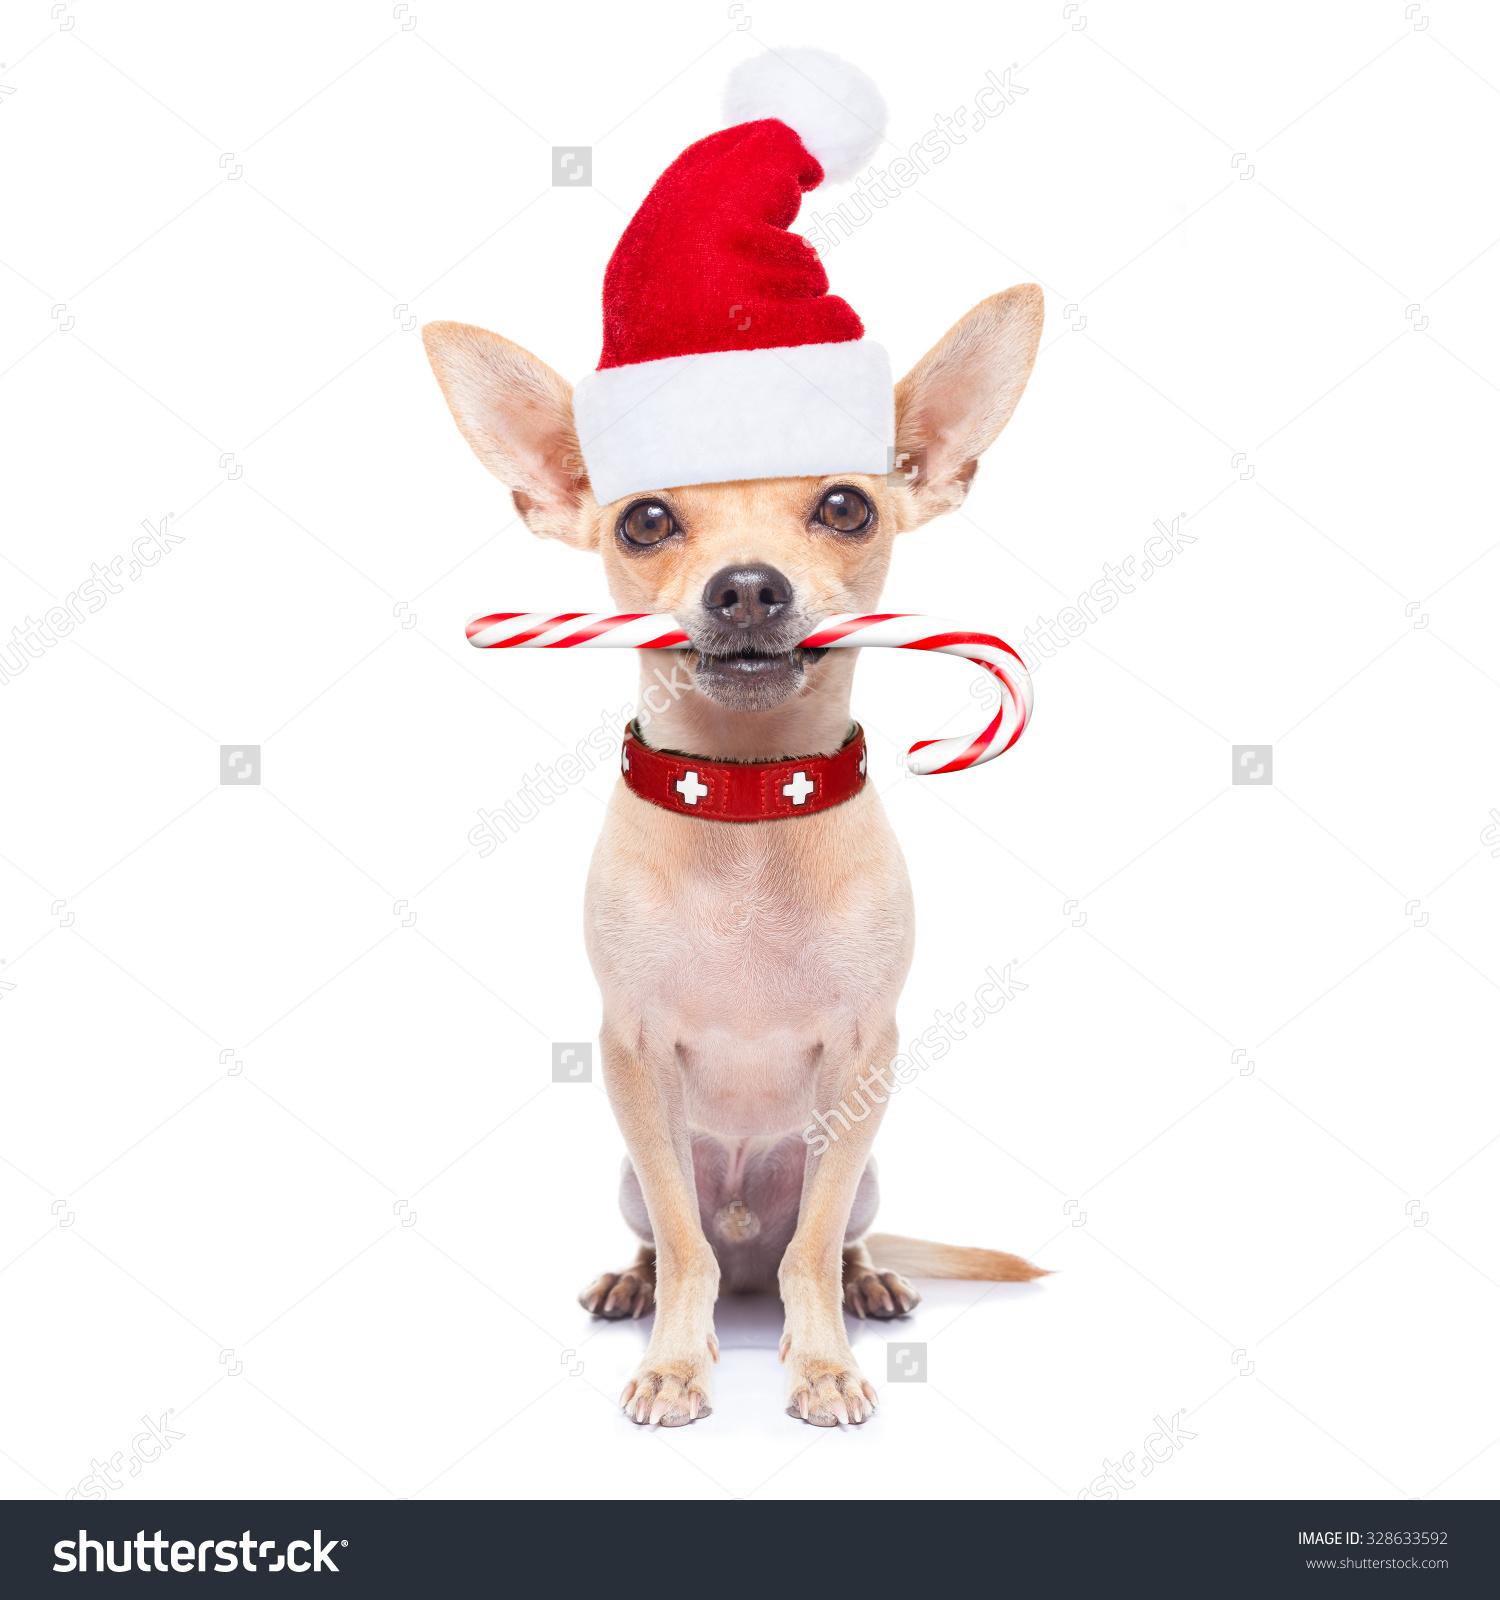 Chihuahua Santa Claus Dog Sugar Candy Stock Photo 328633592.